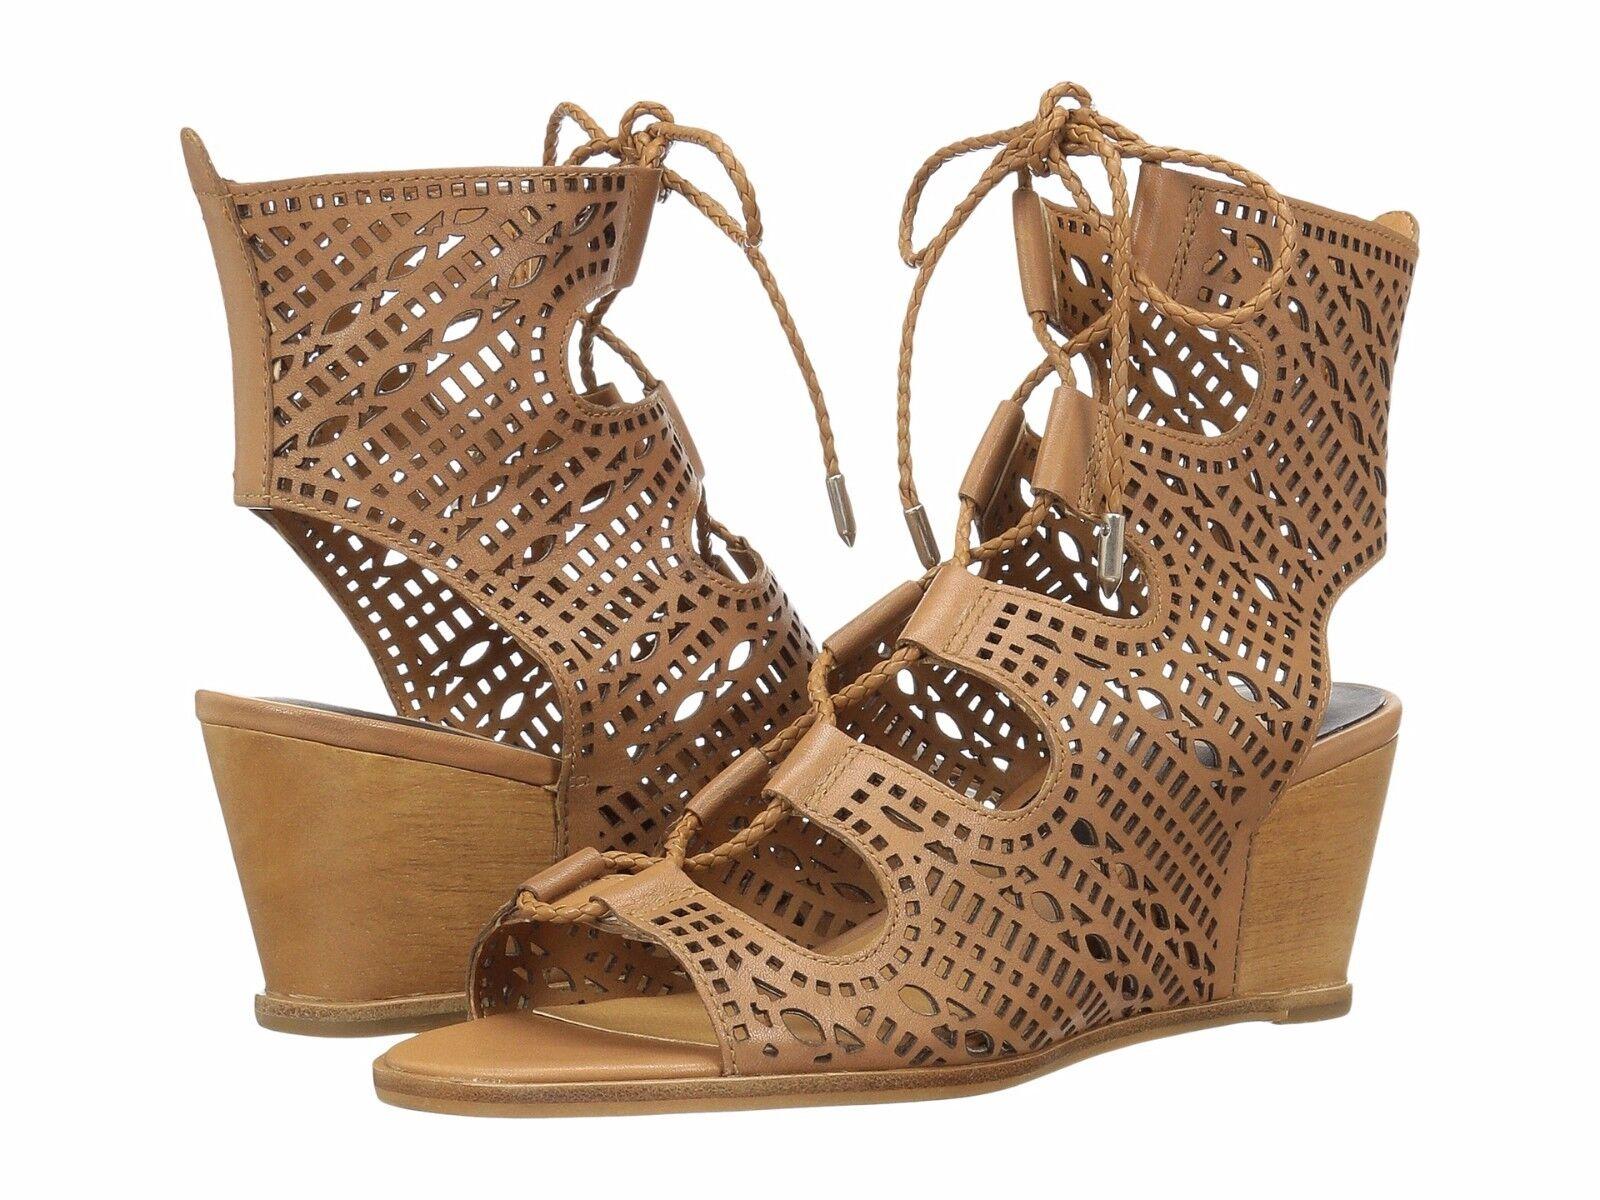 elementi di novità Donna  scarpe Dolce Vita Lamont Leather Leather Leather Lace Up Wedge Sandals Caramel New  acquistare ora